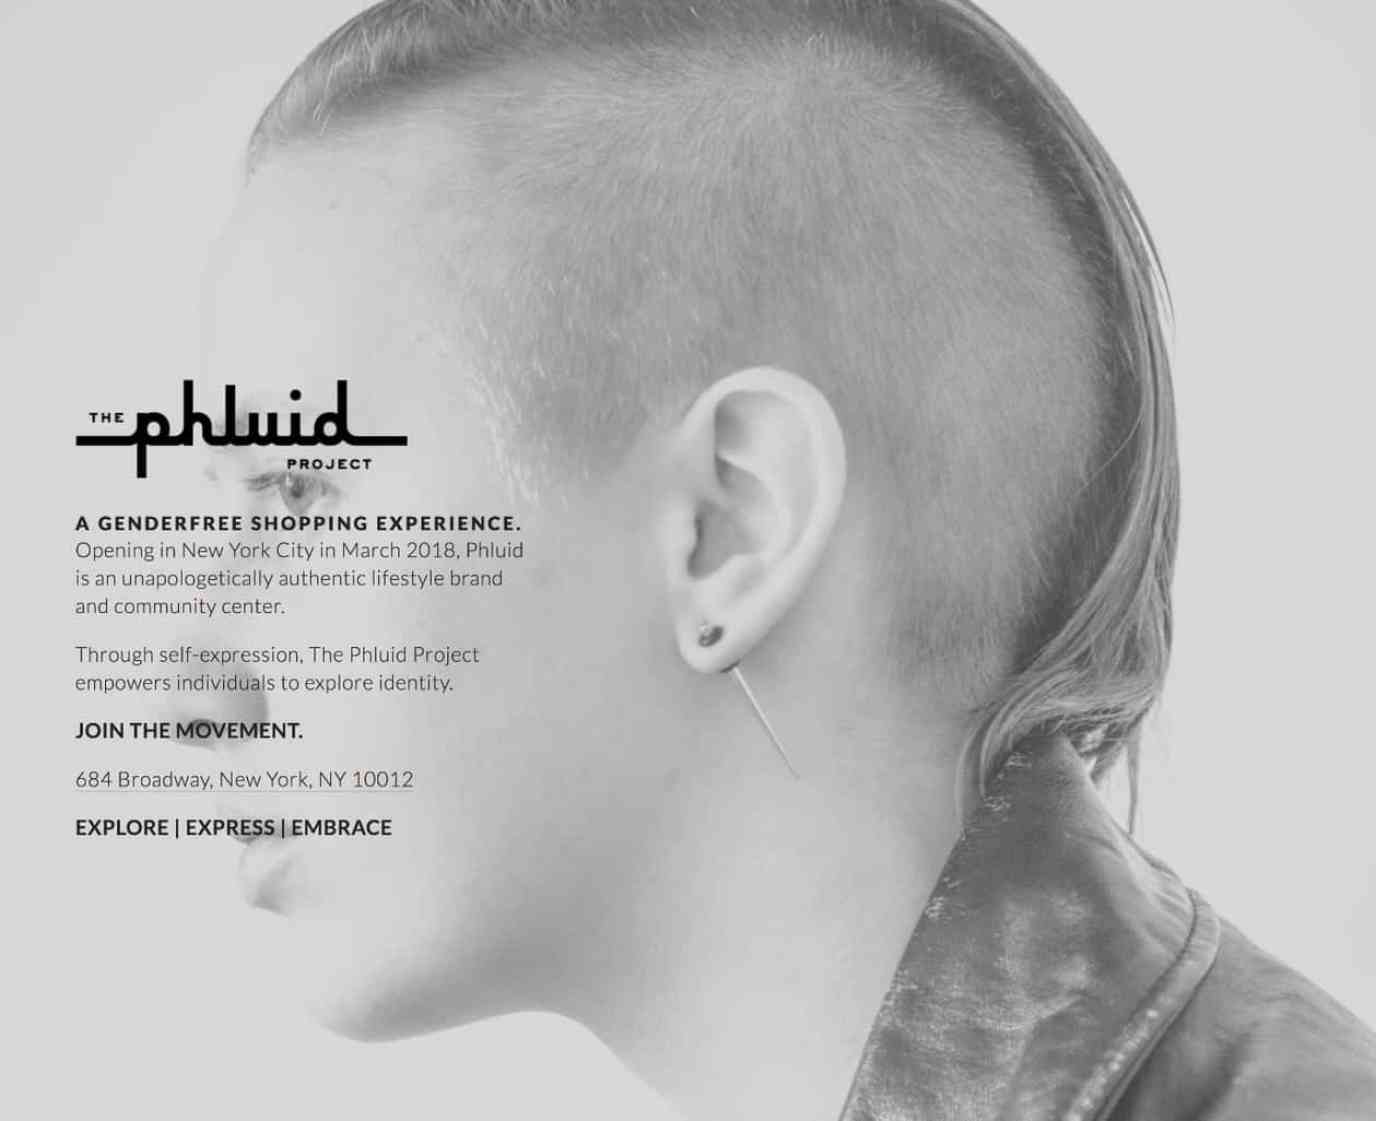 Phluid